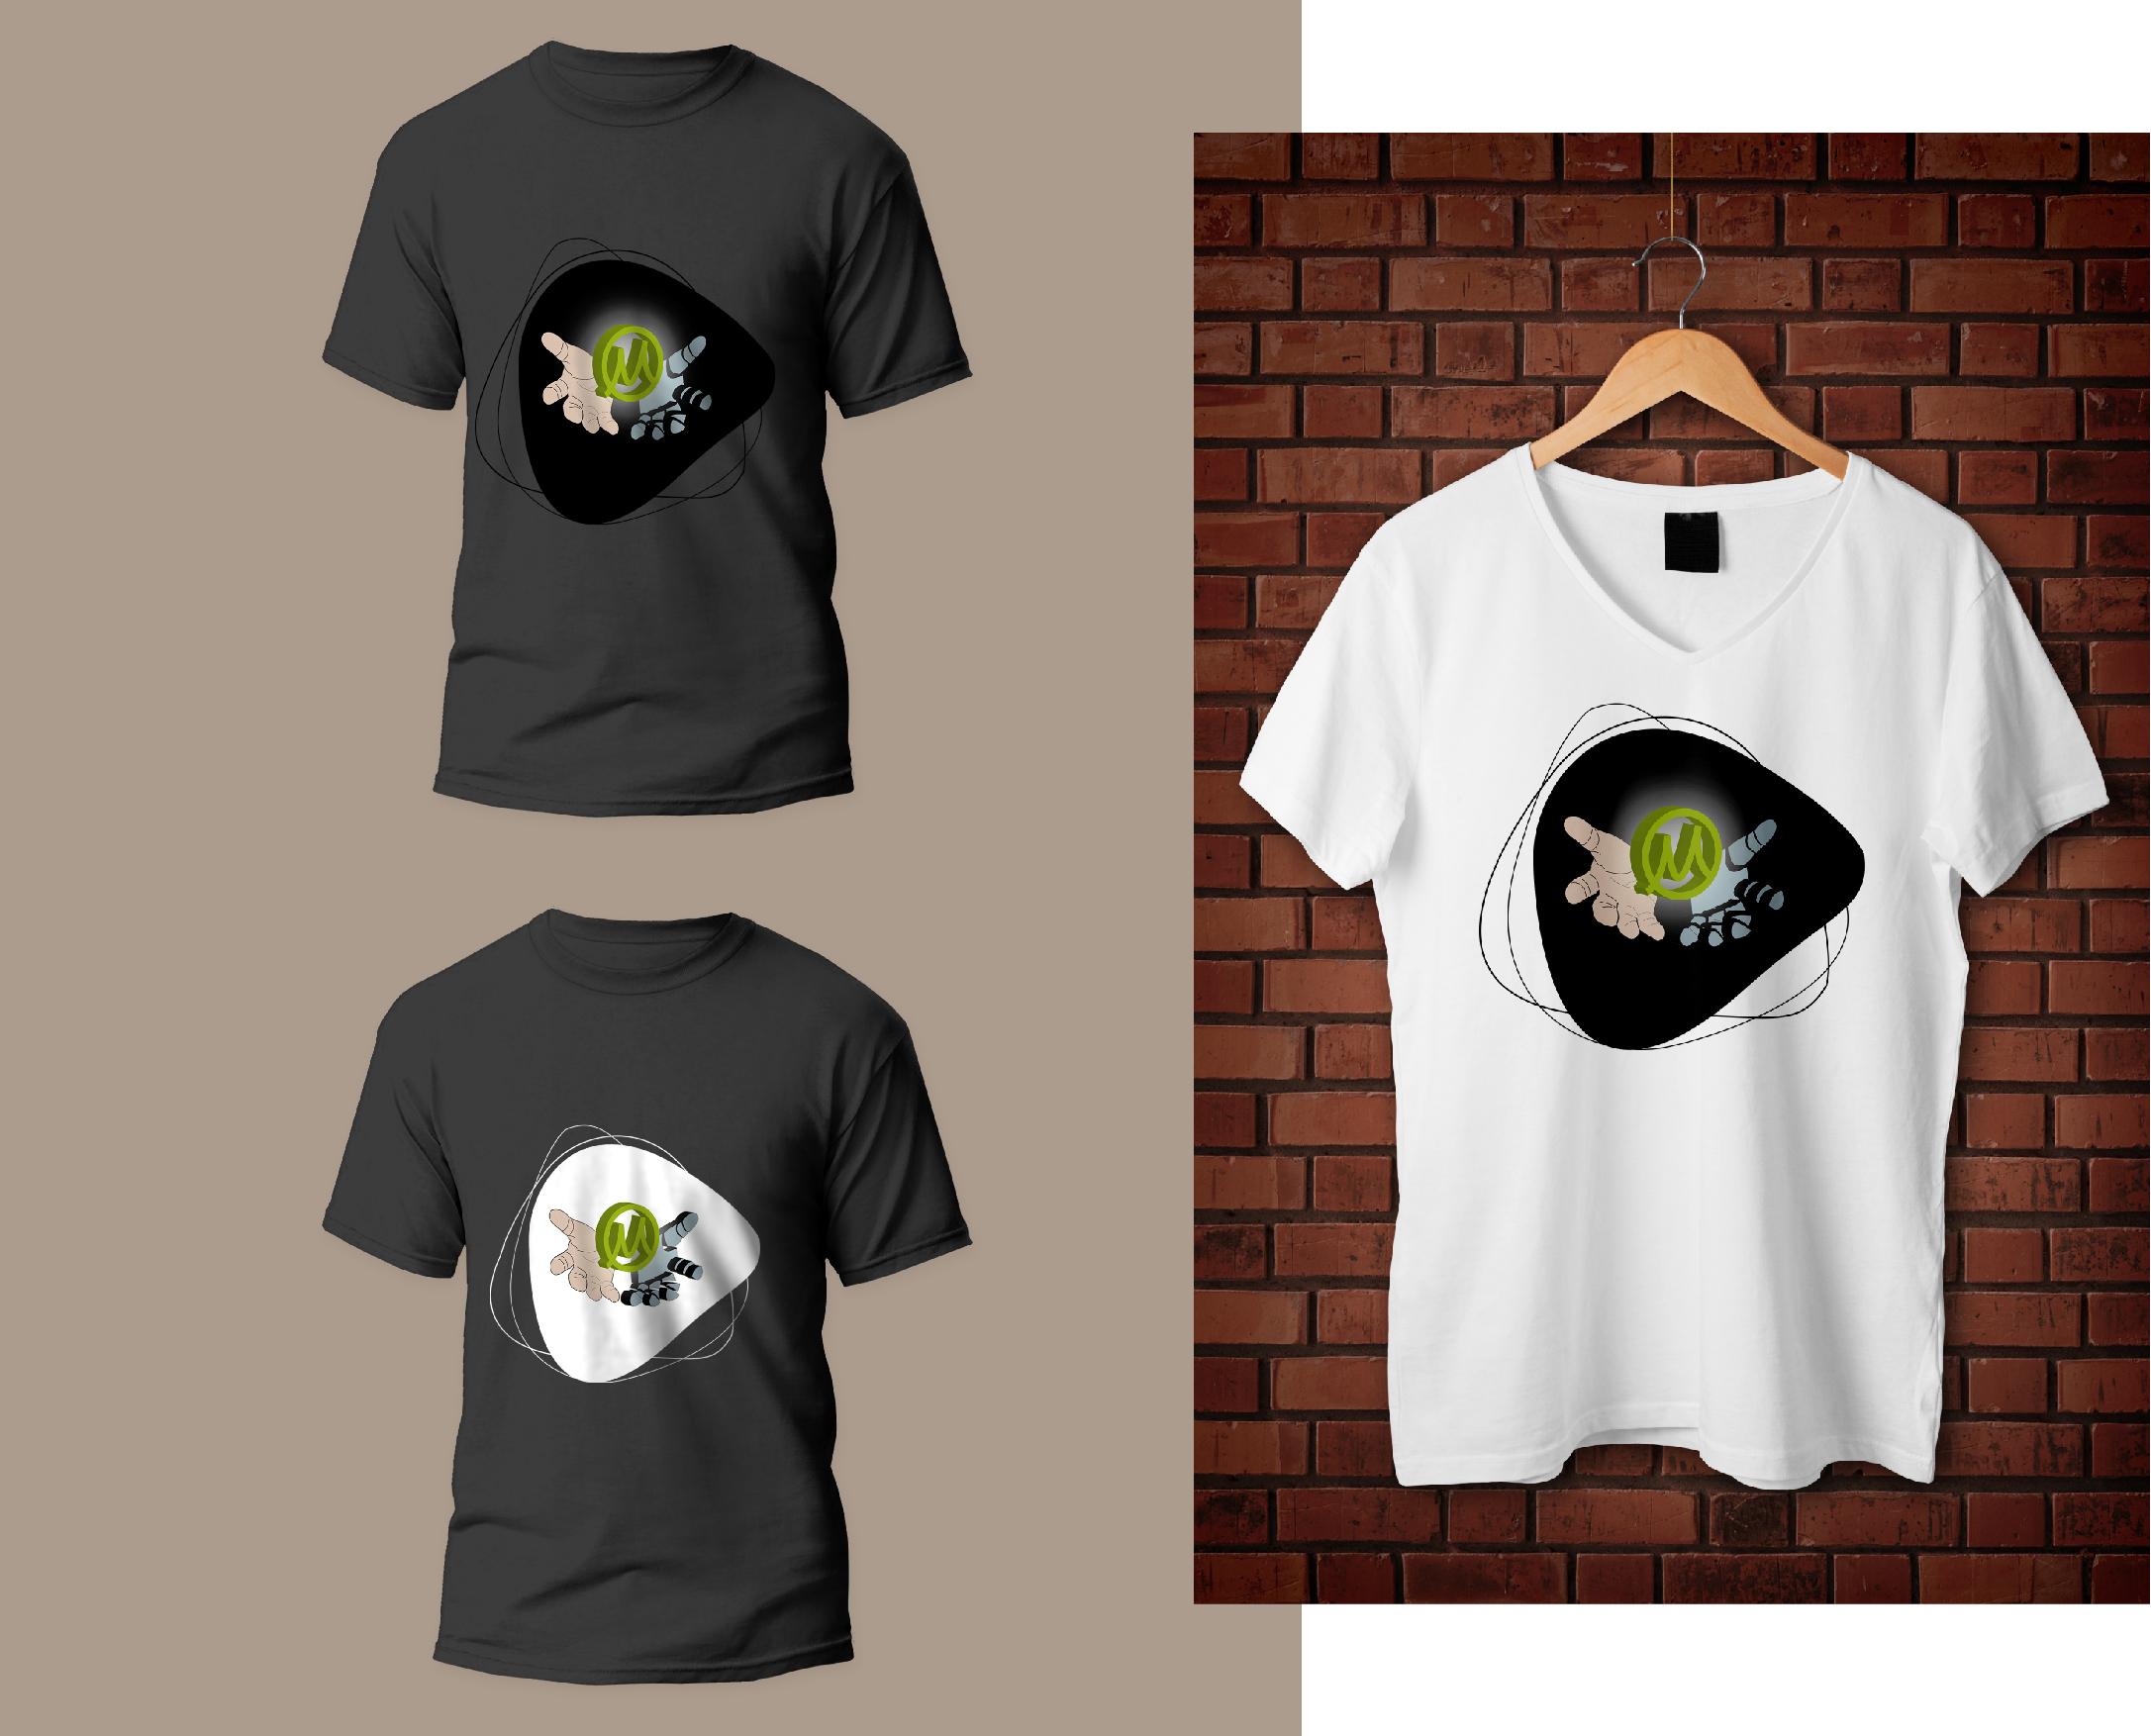 Нарисовать принты на футболки для компании Моторика фото f_732609cea27387f3.jpg